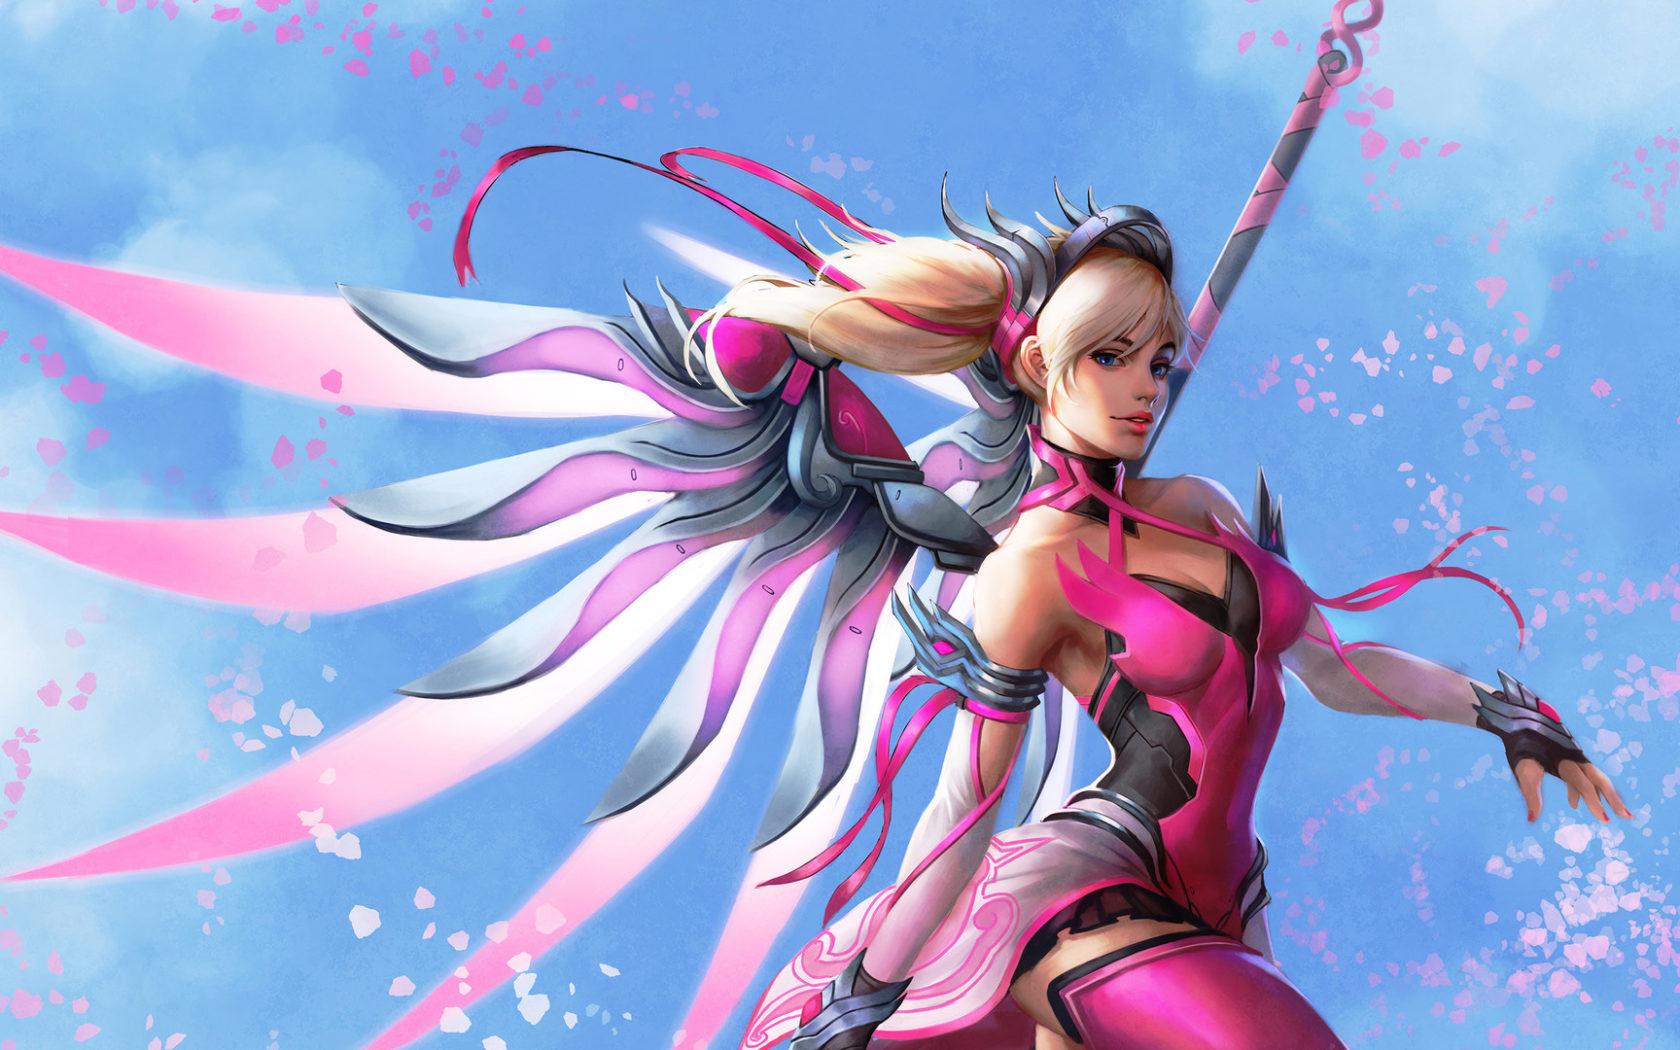 Iphone 5s Pink Wallpaper Pink Mercy Overwatch 4k Wallpapers Hd Wallpapers